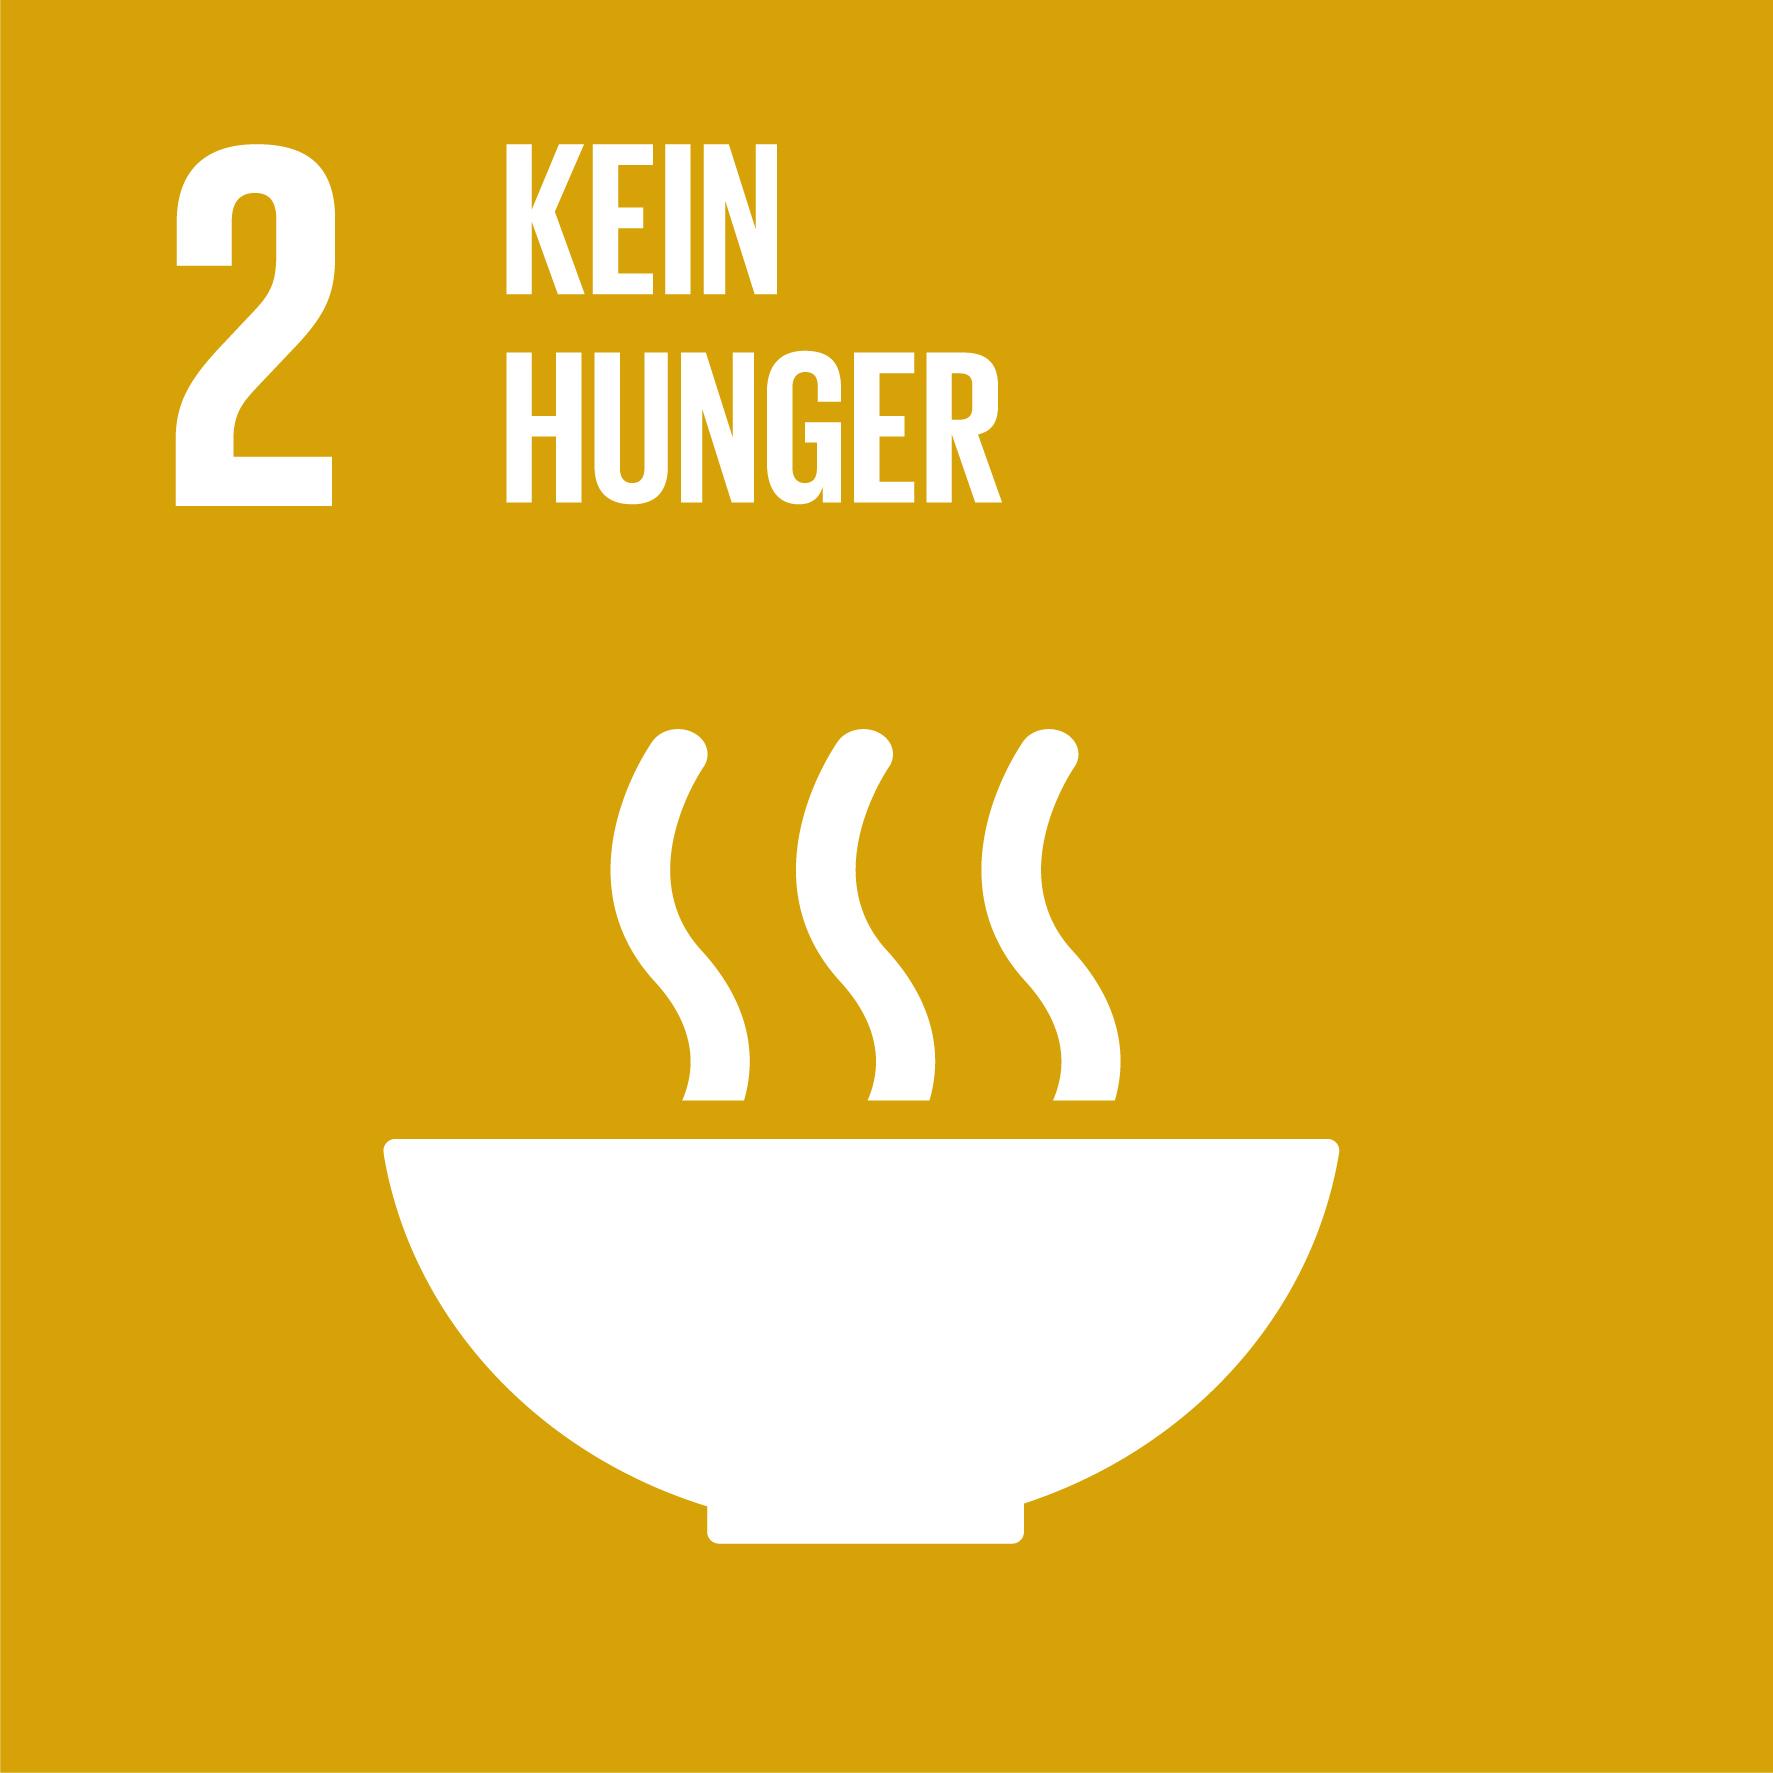 SDG 2 - Kein Hunger